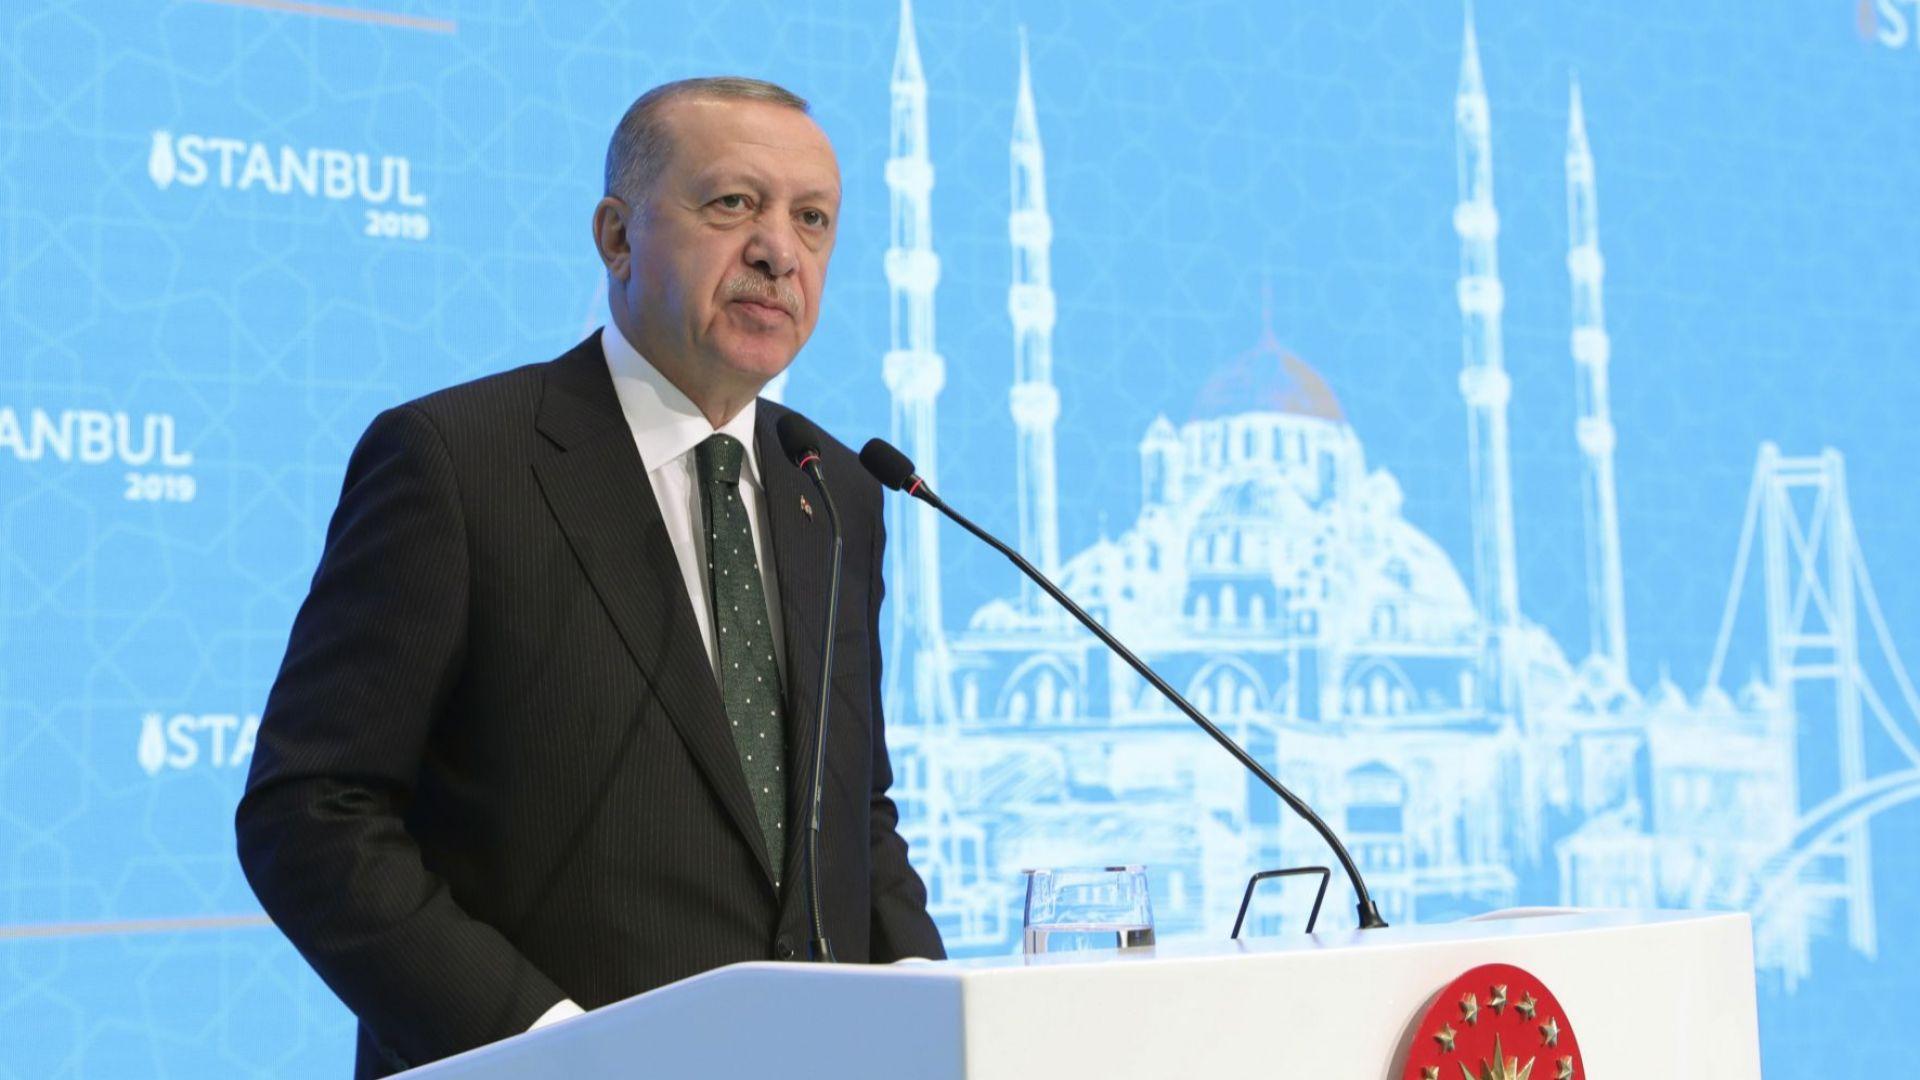 Турция е готова да изпрати войска в Либия, потвърди Ердоган